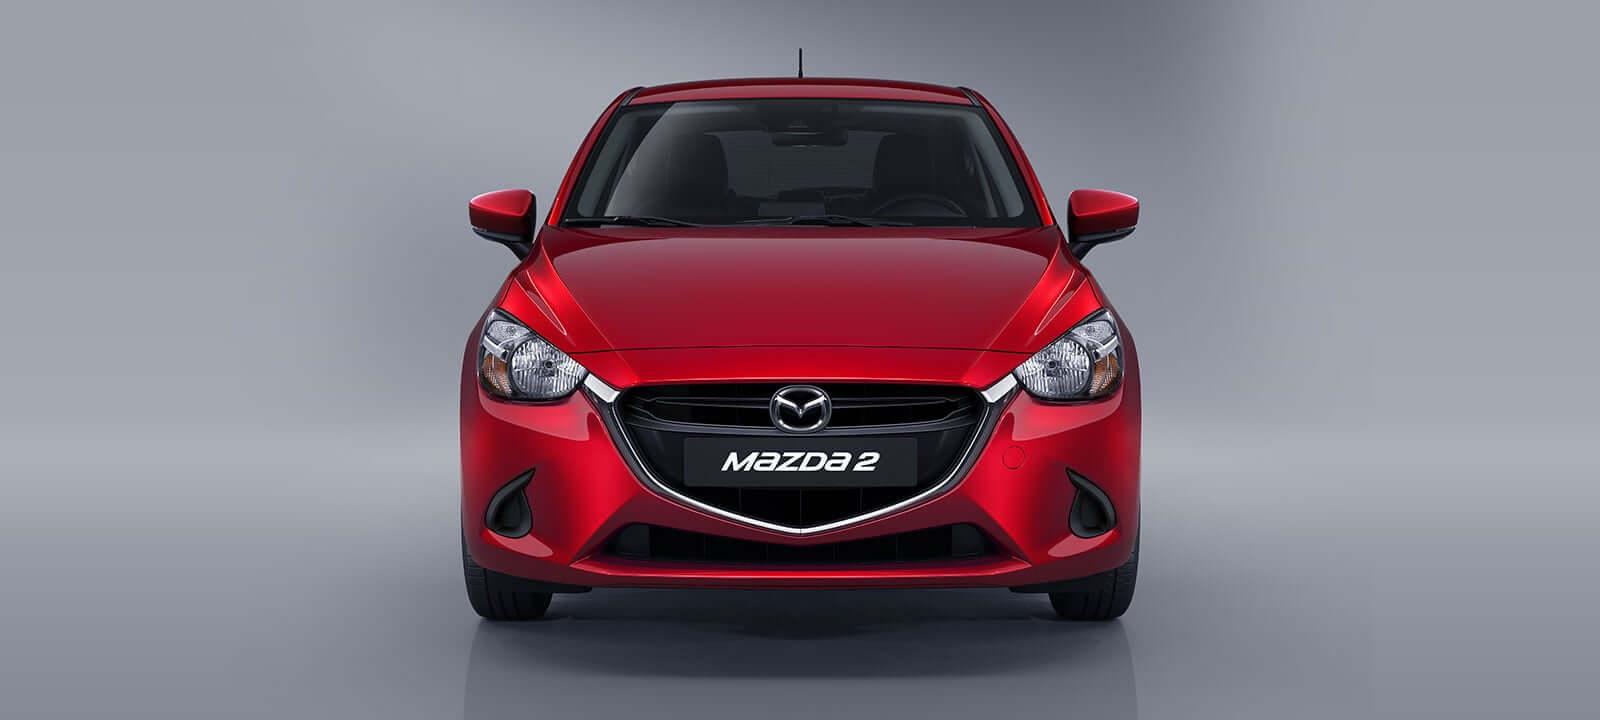 Mazda New Mazda2 Sport 1.5L S 6MT - Galería interior - imágen 0